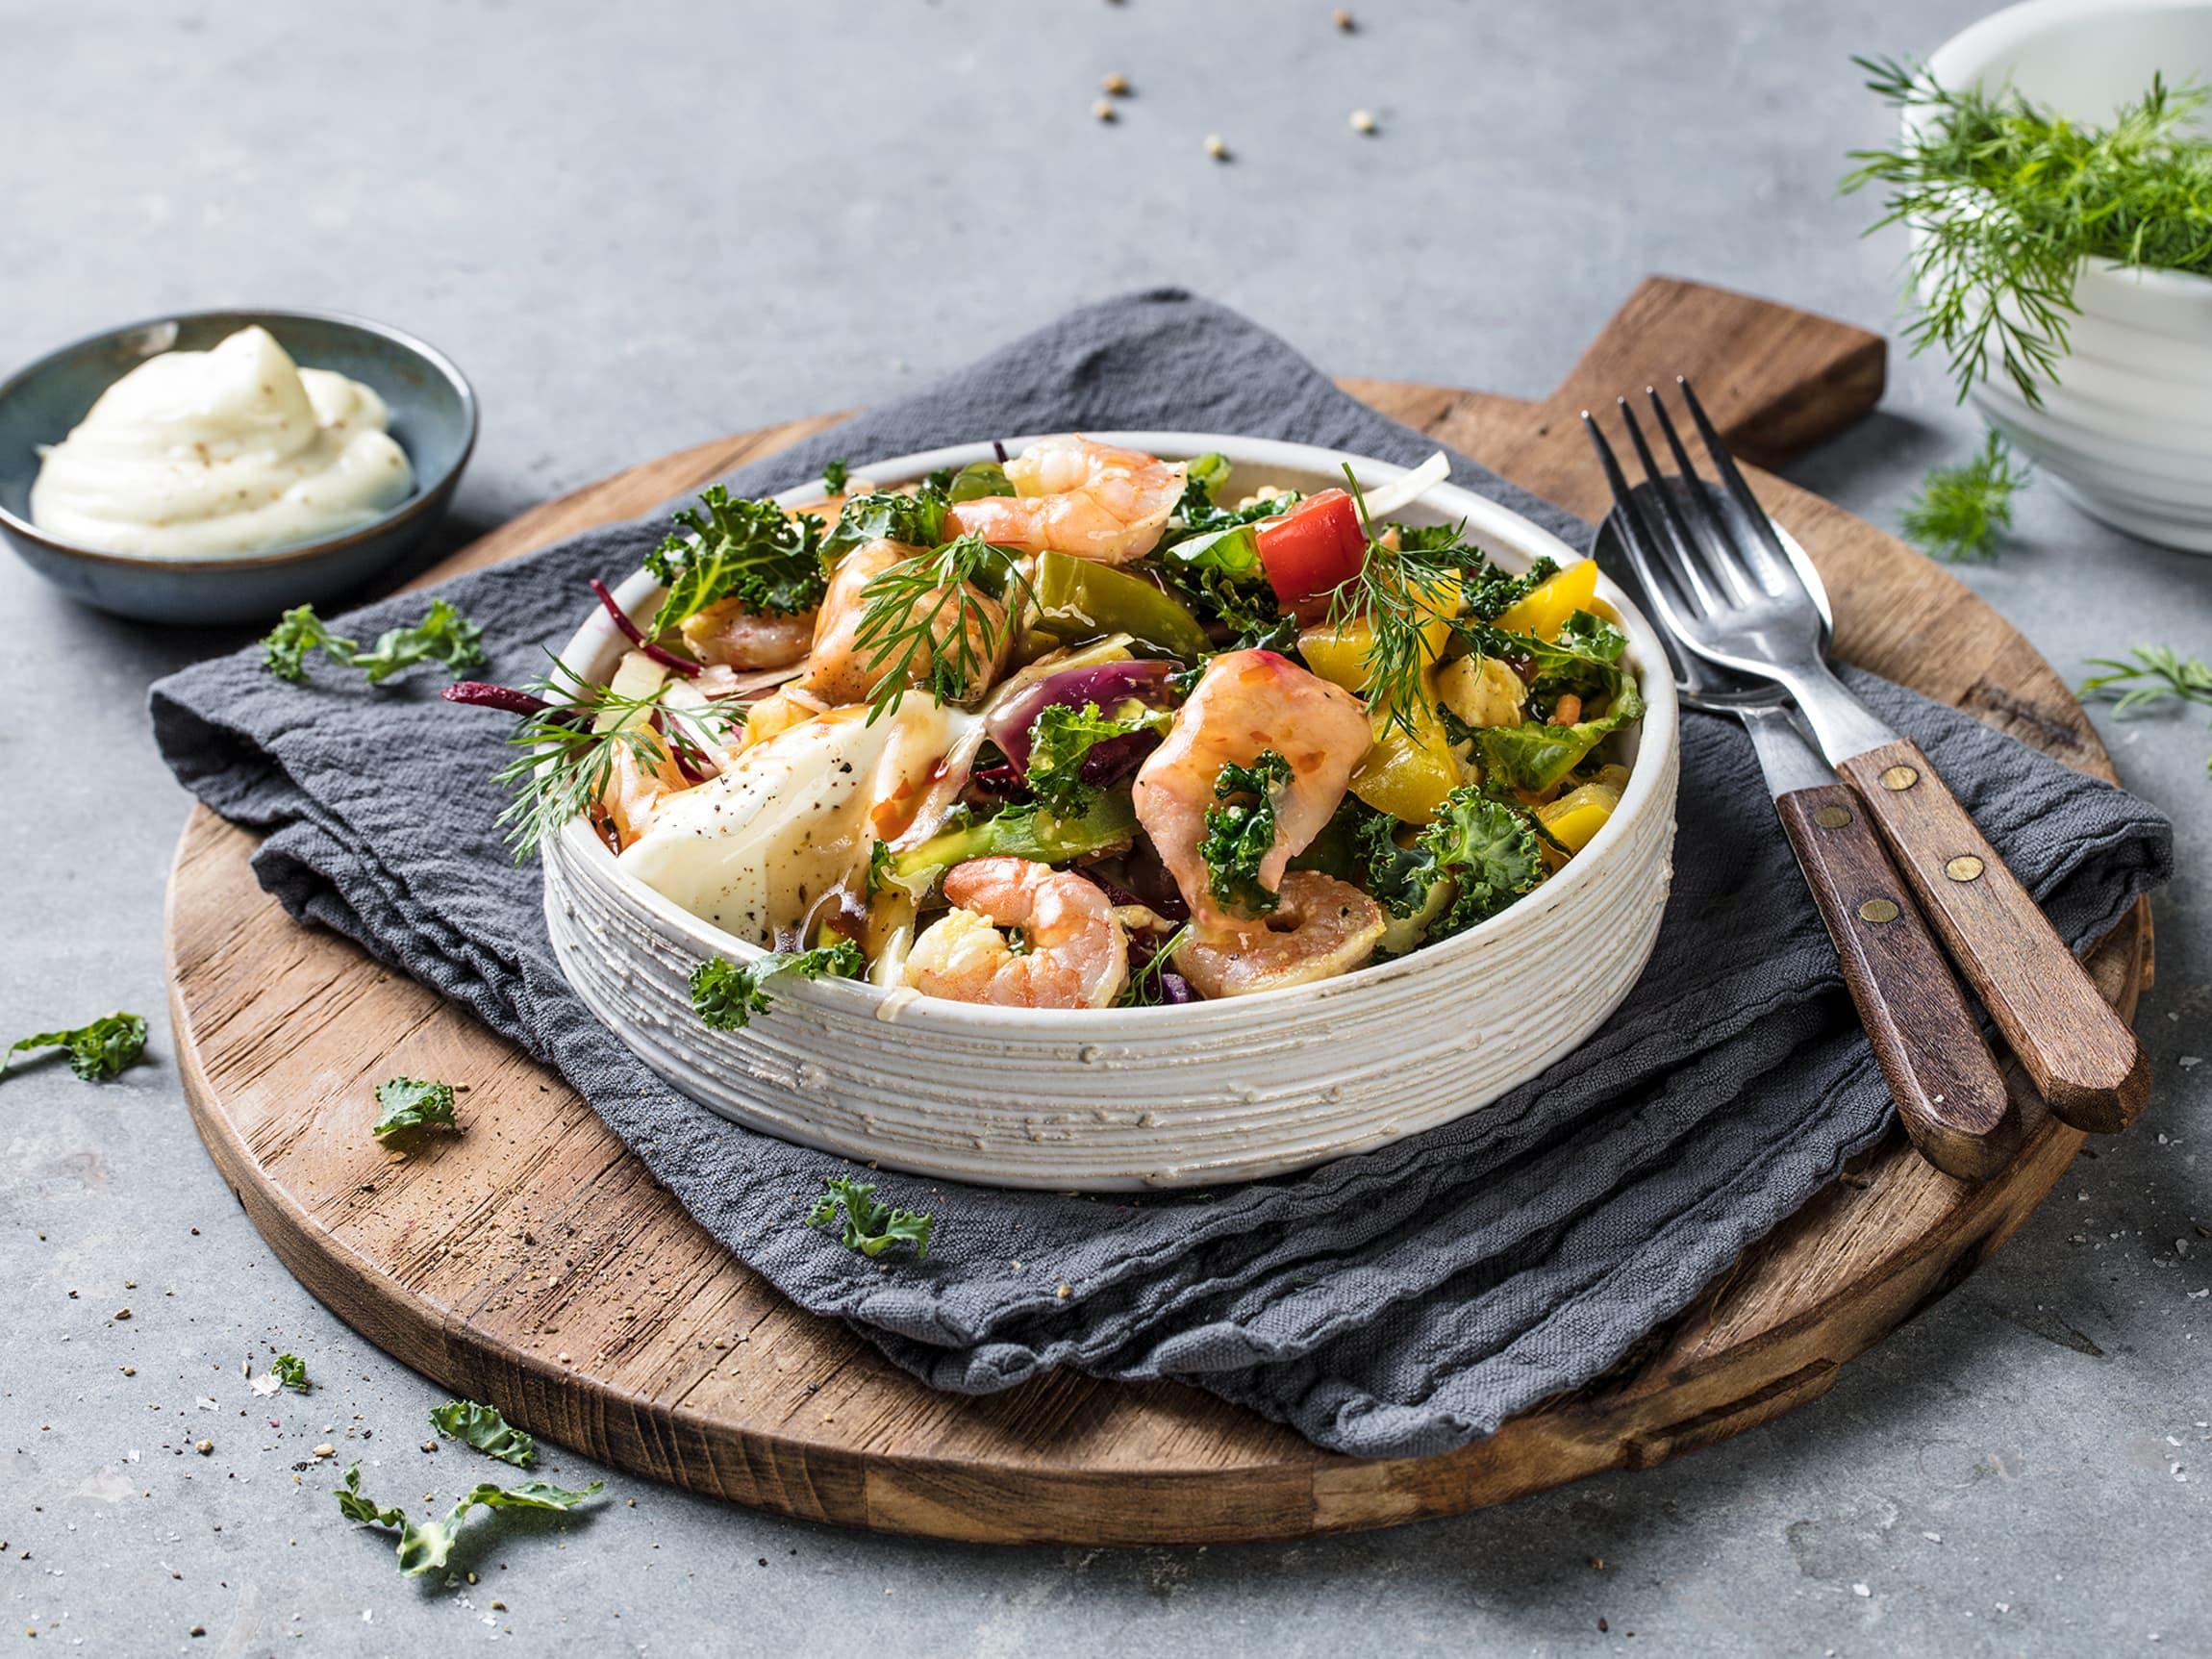 Wok er et velsmakende måltid. Bruk det du har av grønnsaker og skjær fiskebitene i 1-2 cm store biter. Stek, server og nyt!